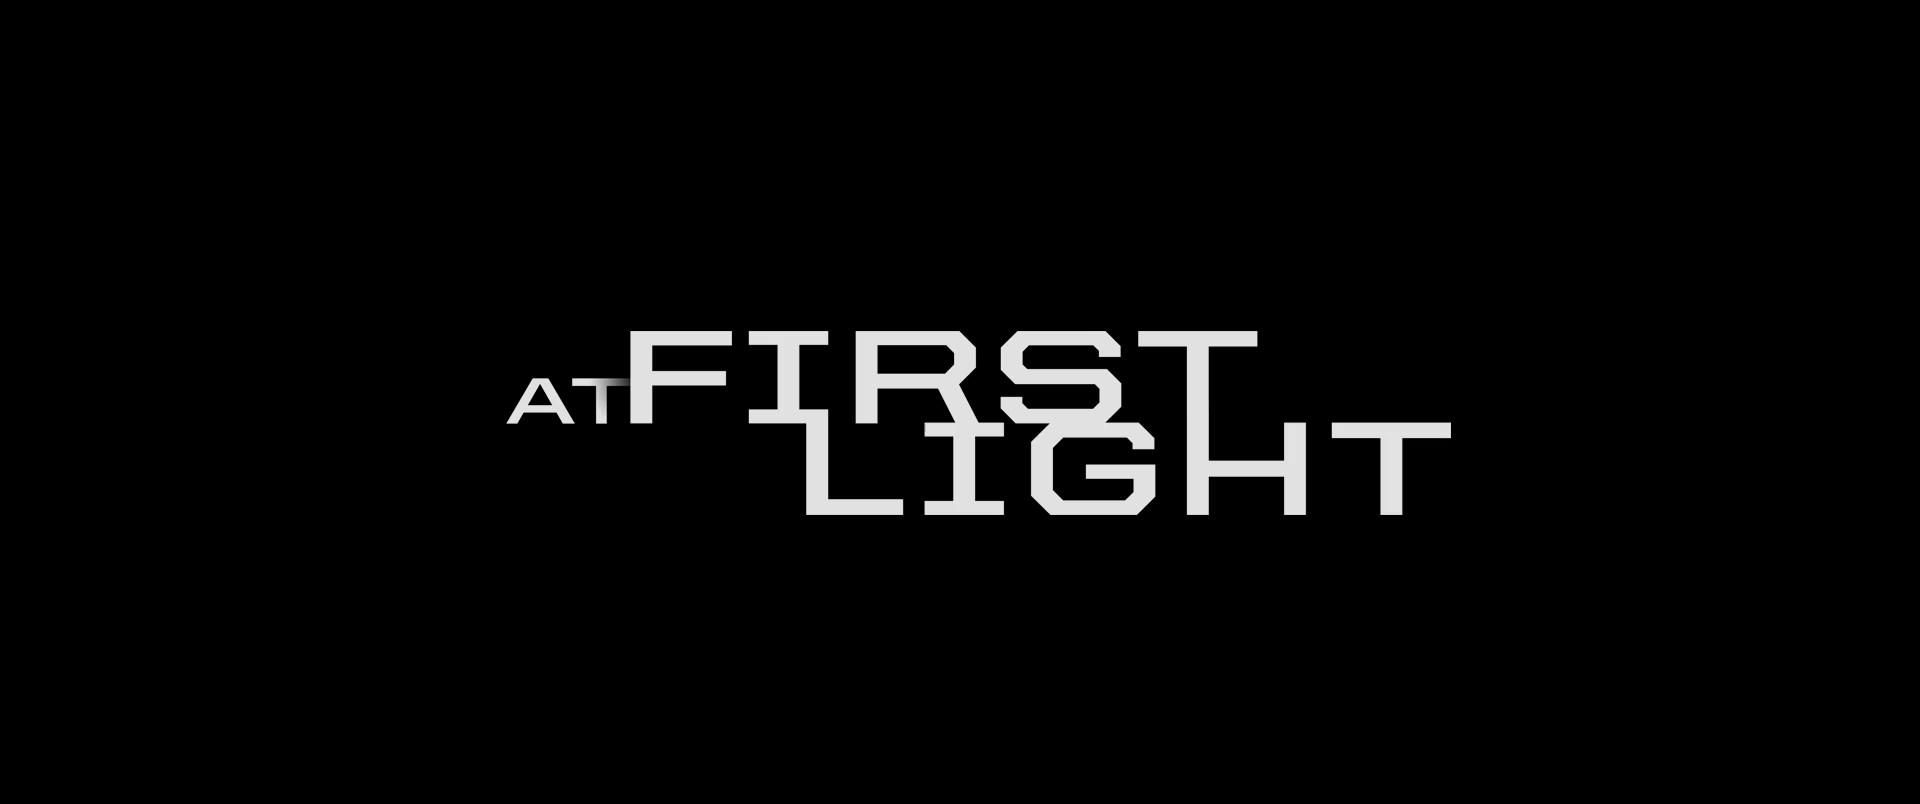 First Light (2018) 1080p WEB-DL